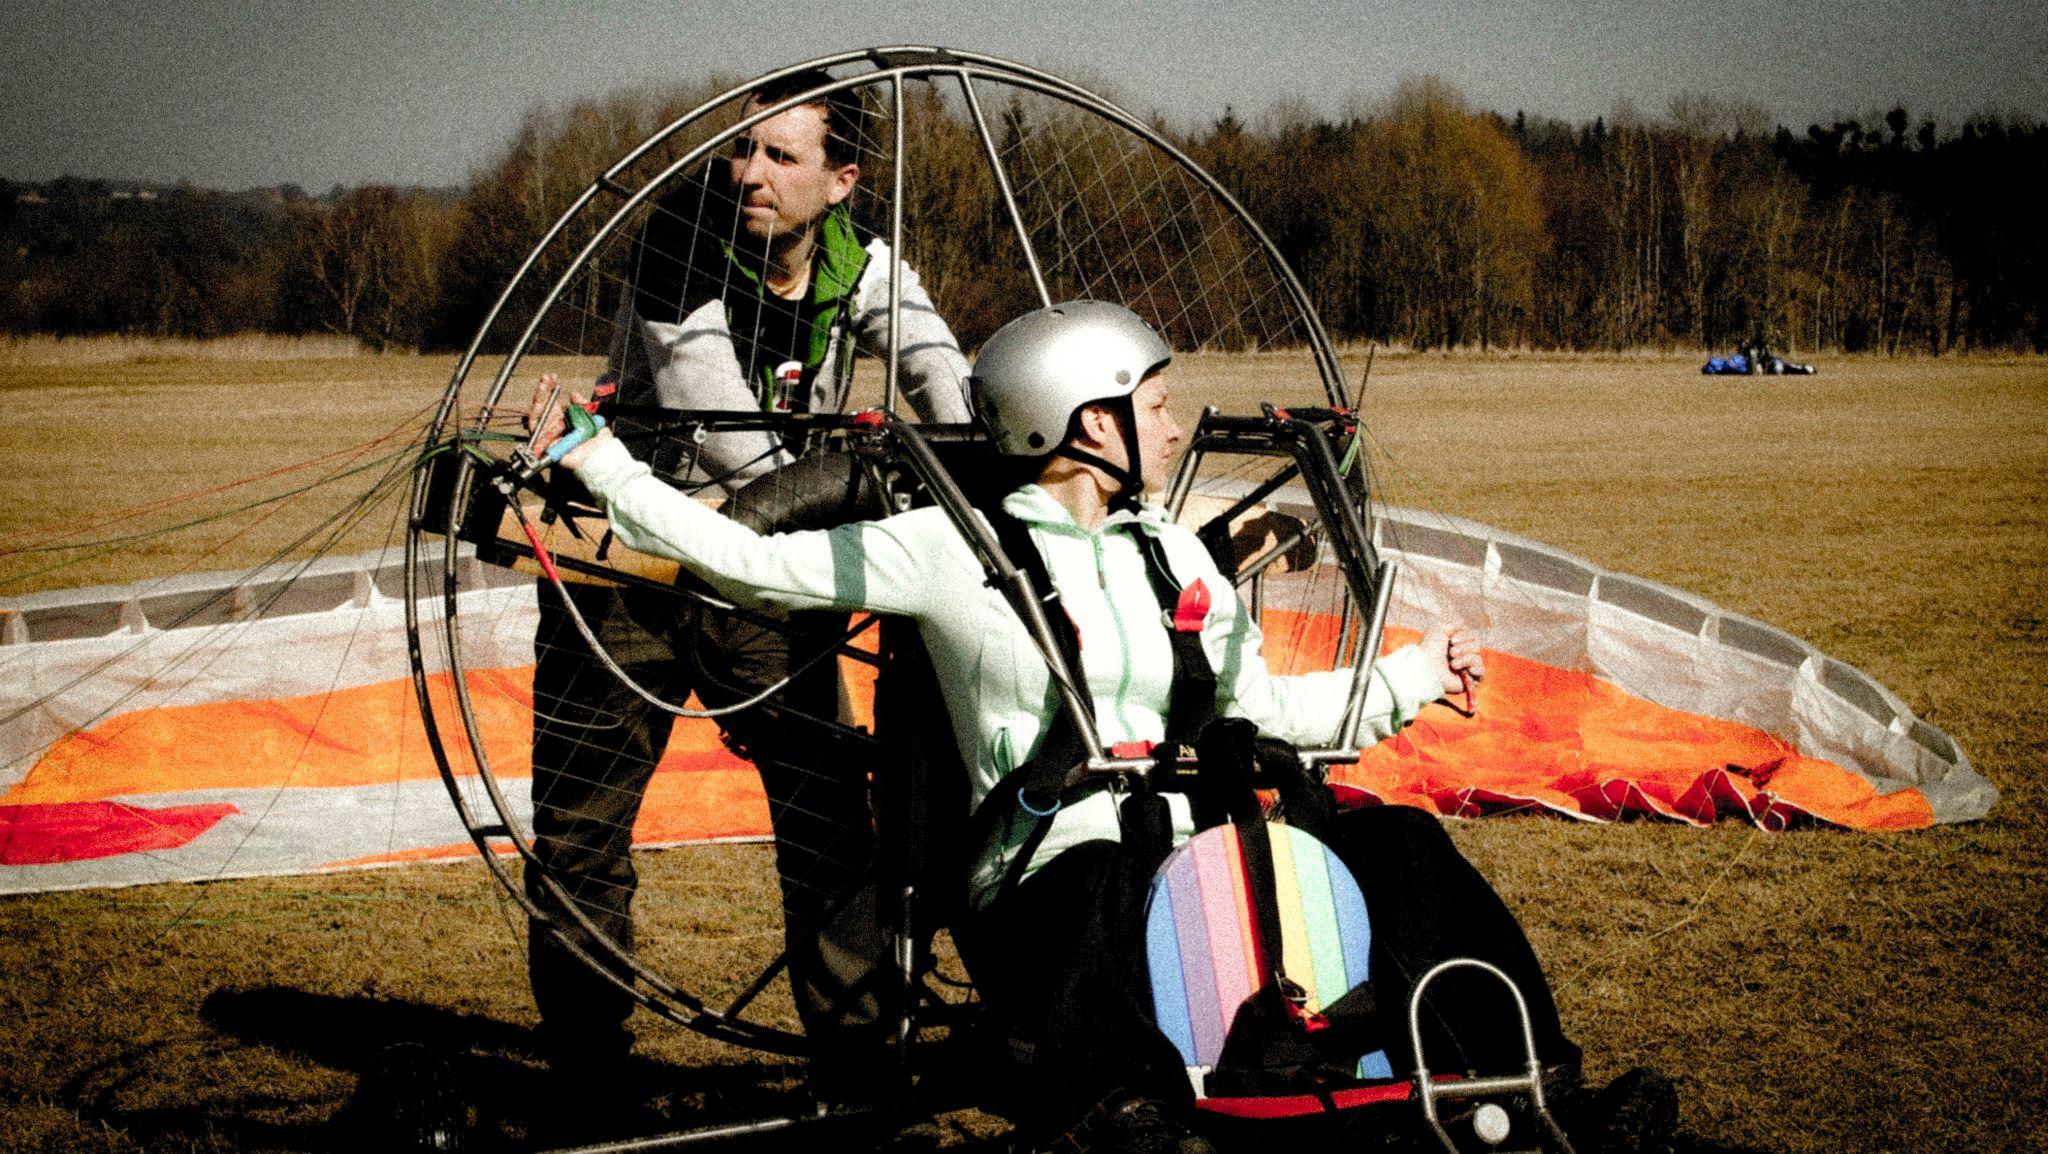 Motorový paragliding – seznamovací let s instruktorem – poukaz